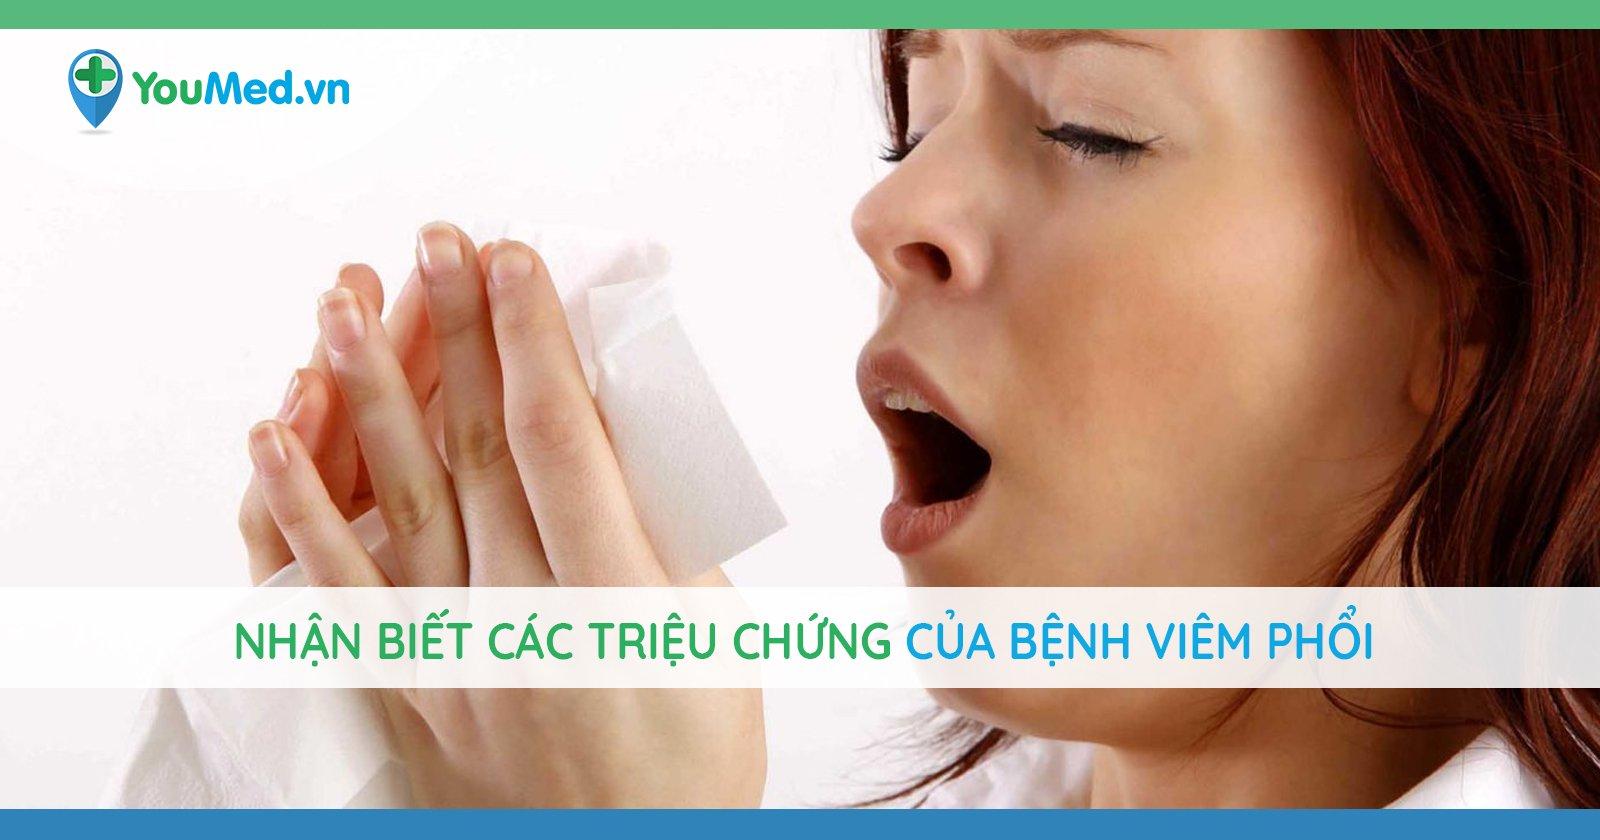 Cách nhận biết các triệu chứng của bệnh viêm phổi